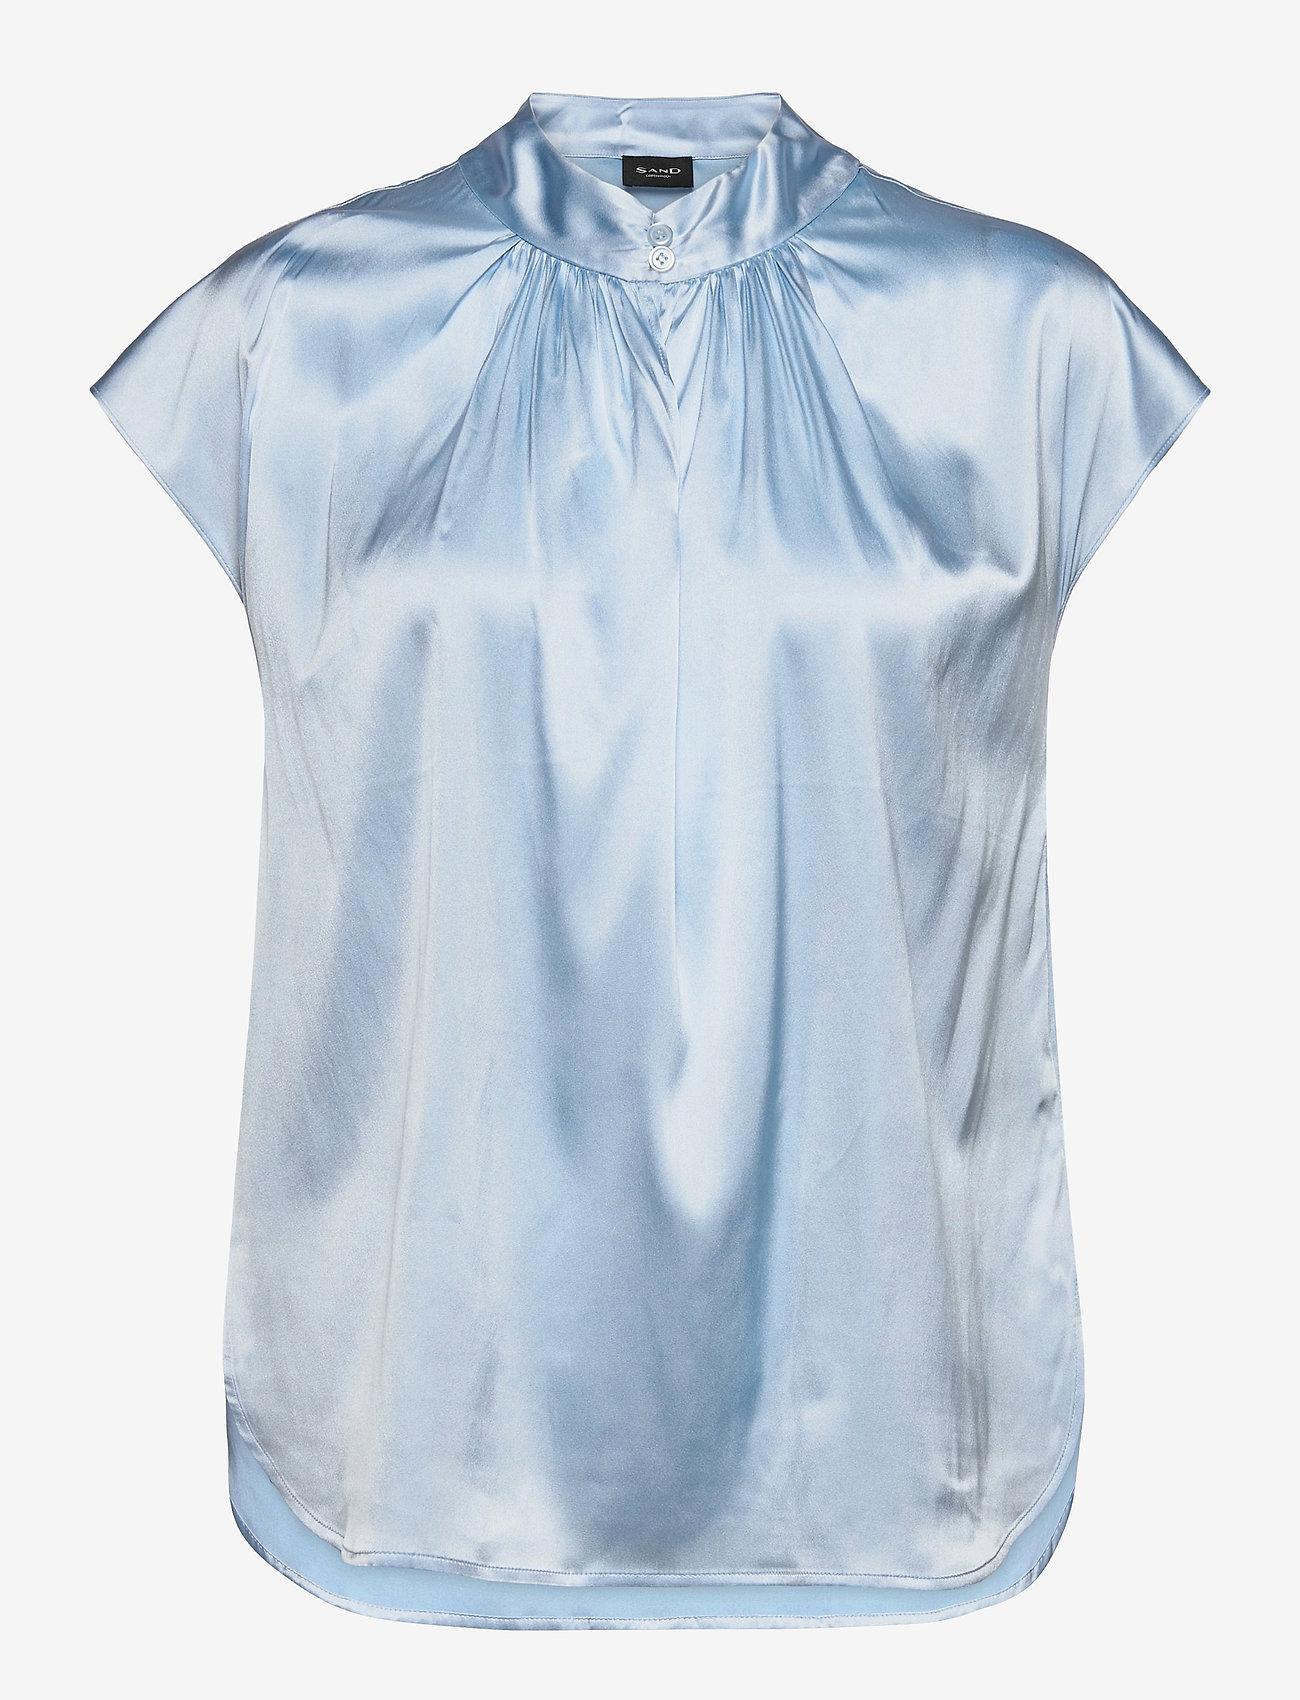 SAND - 3176 - Prosi Top S - blouses met korte mouwen - light blue - 0